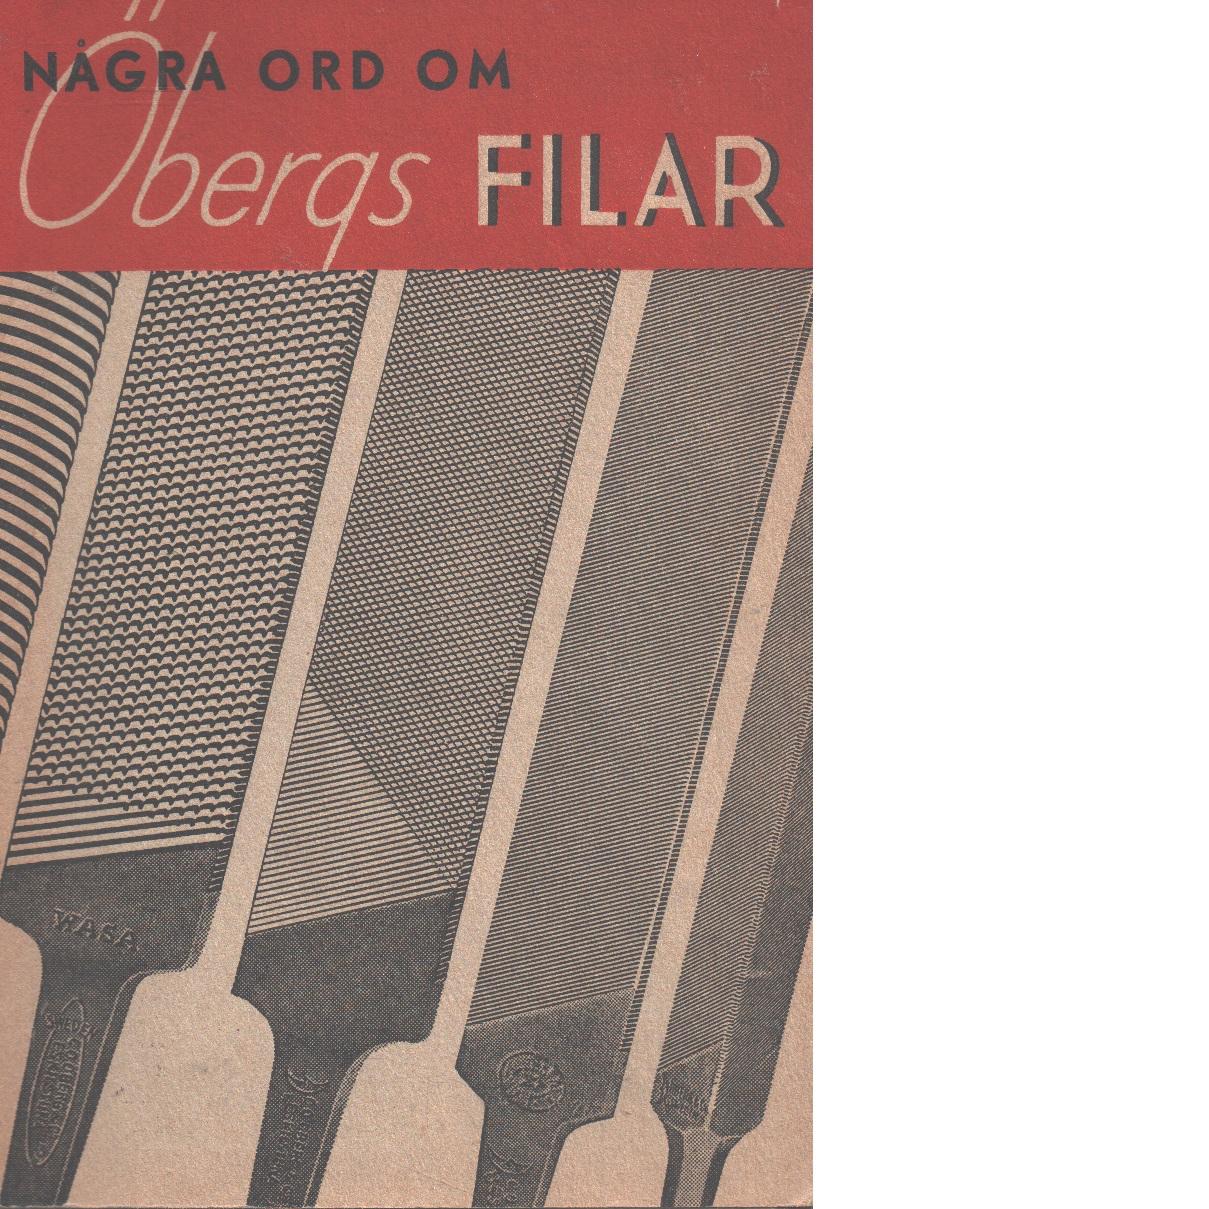 Några ord om Öbergs filar - Red.